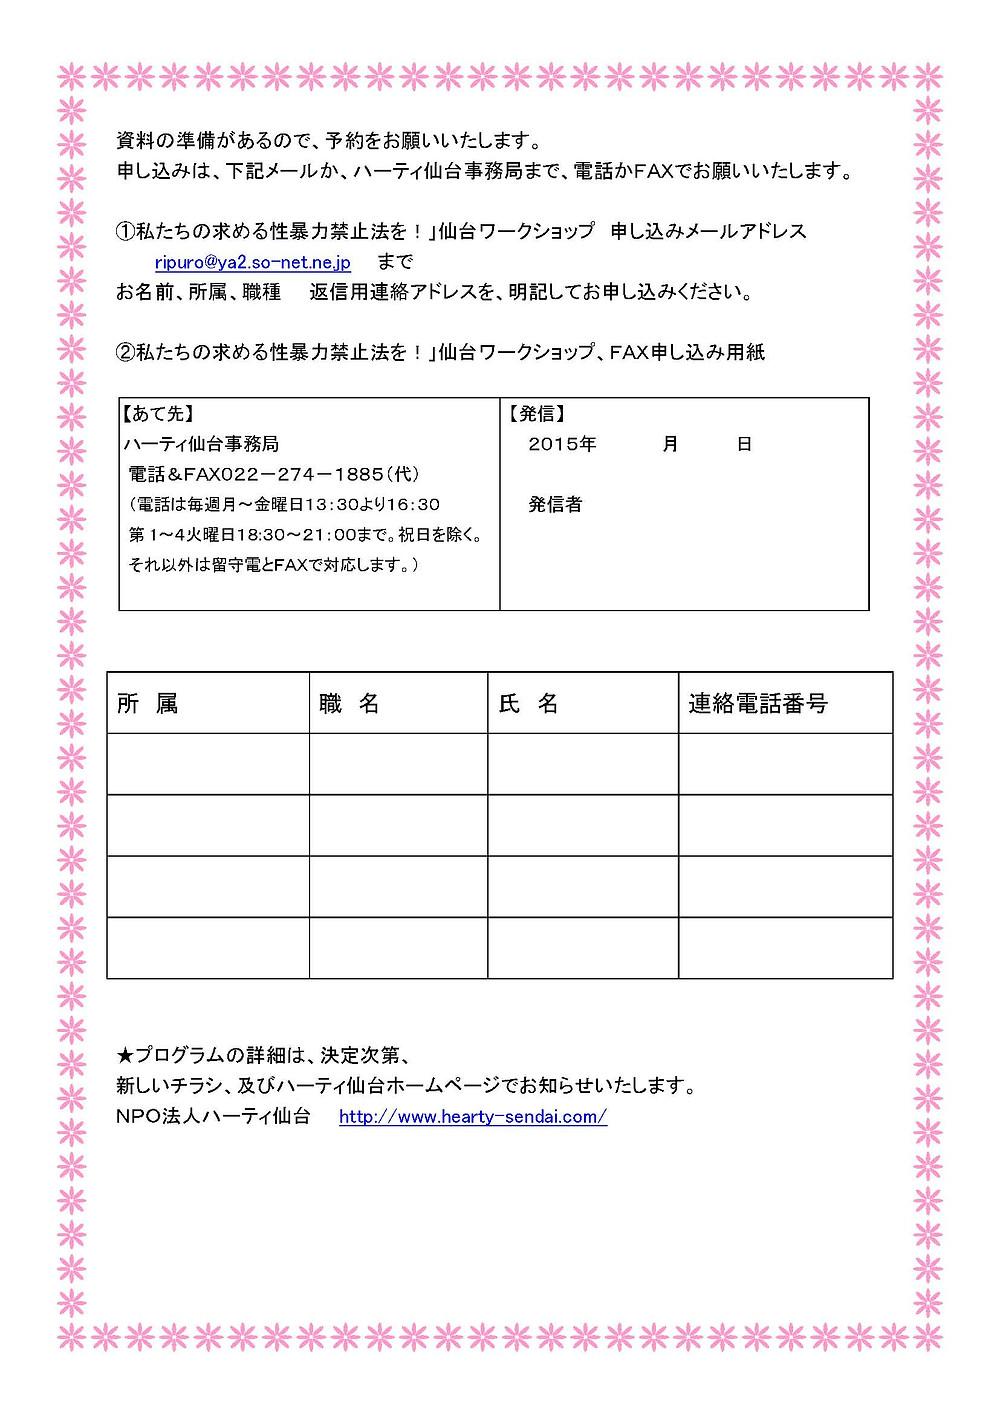 性暴力禁止法 仙台ワークチラシ _ページ_2.jpg